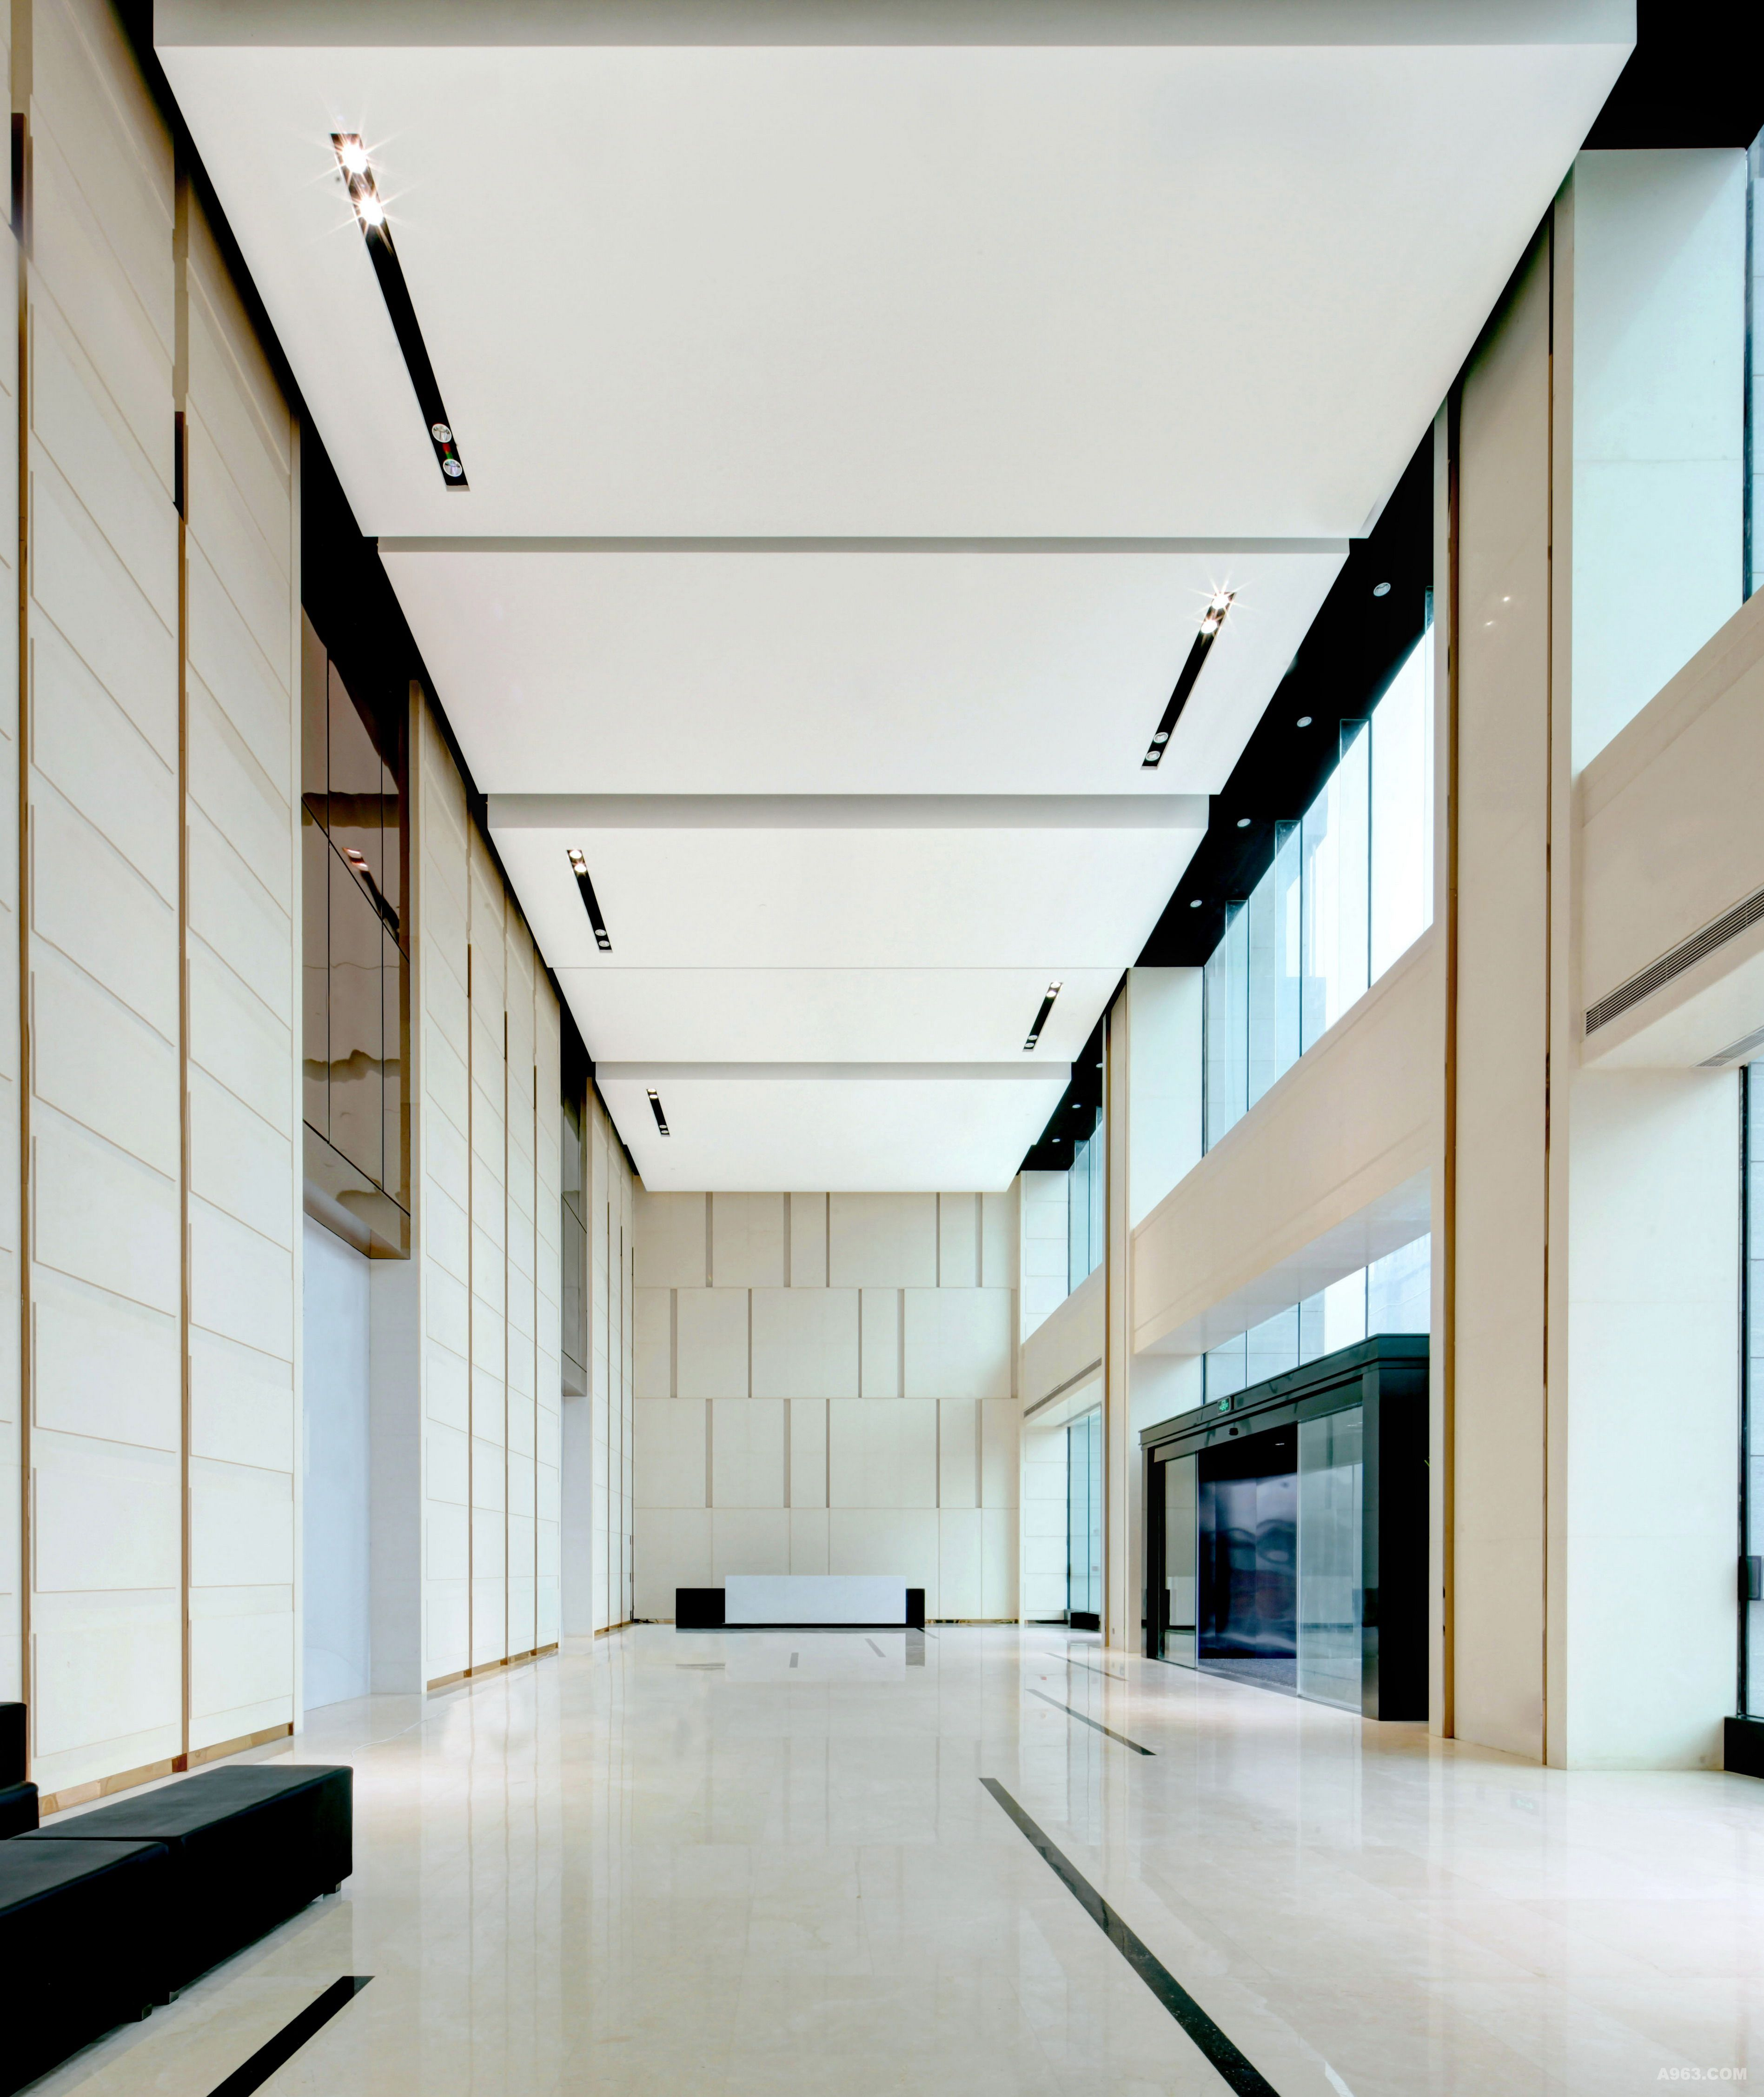 铜锣湾广场甲级办公楼大堂图片